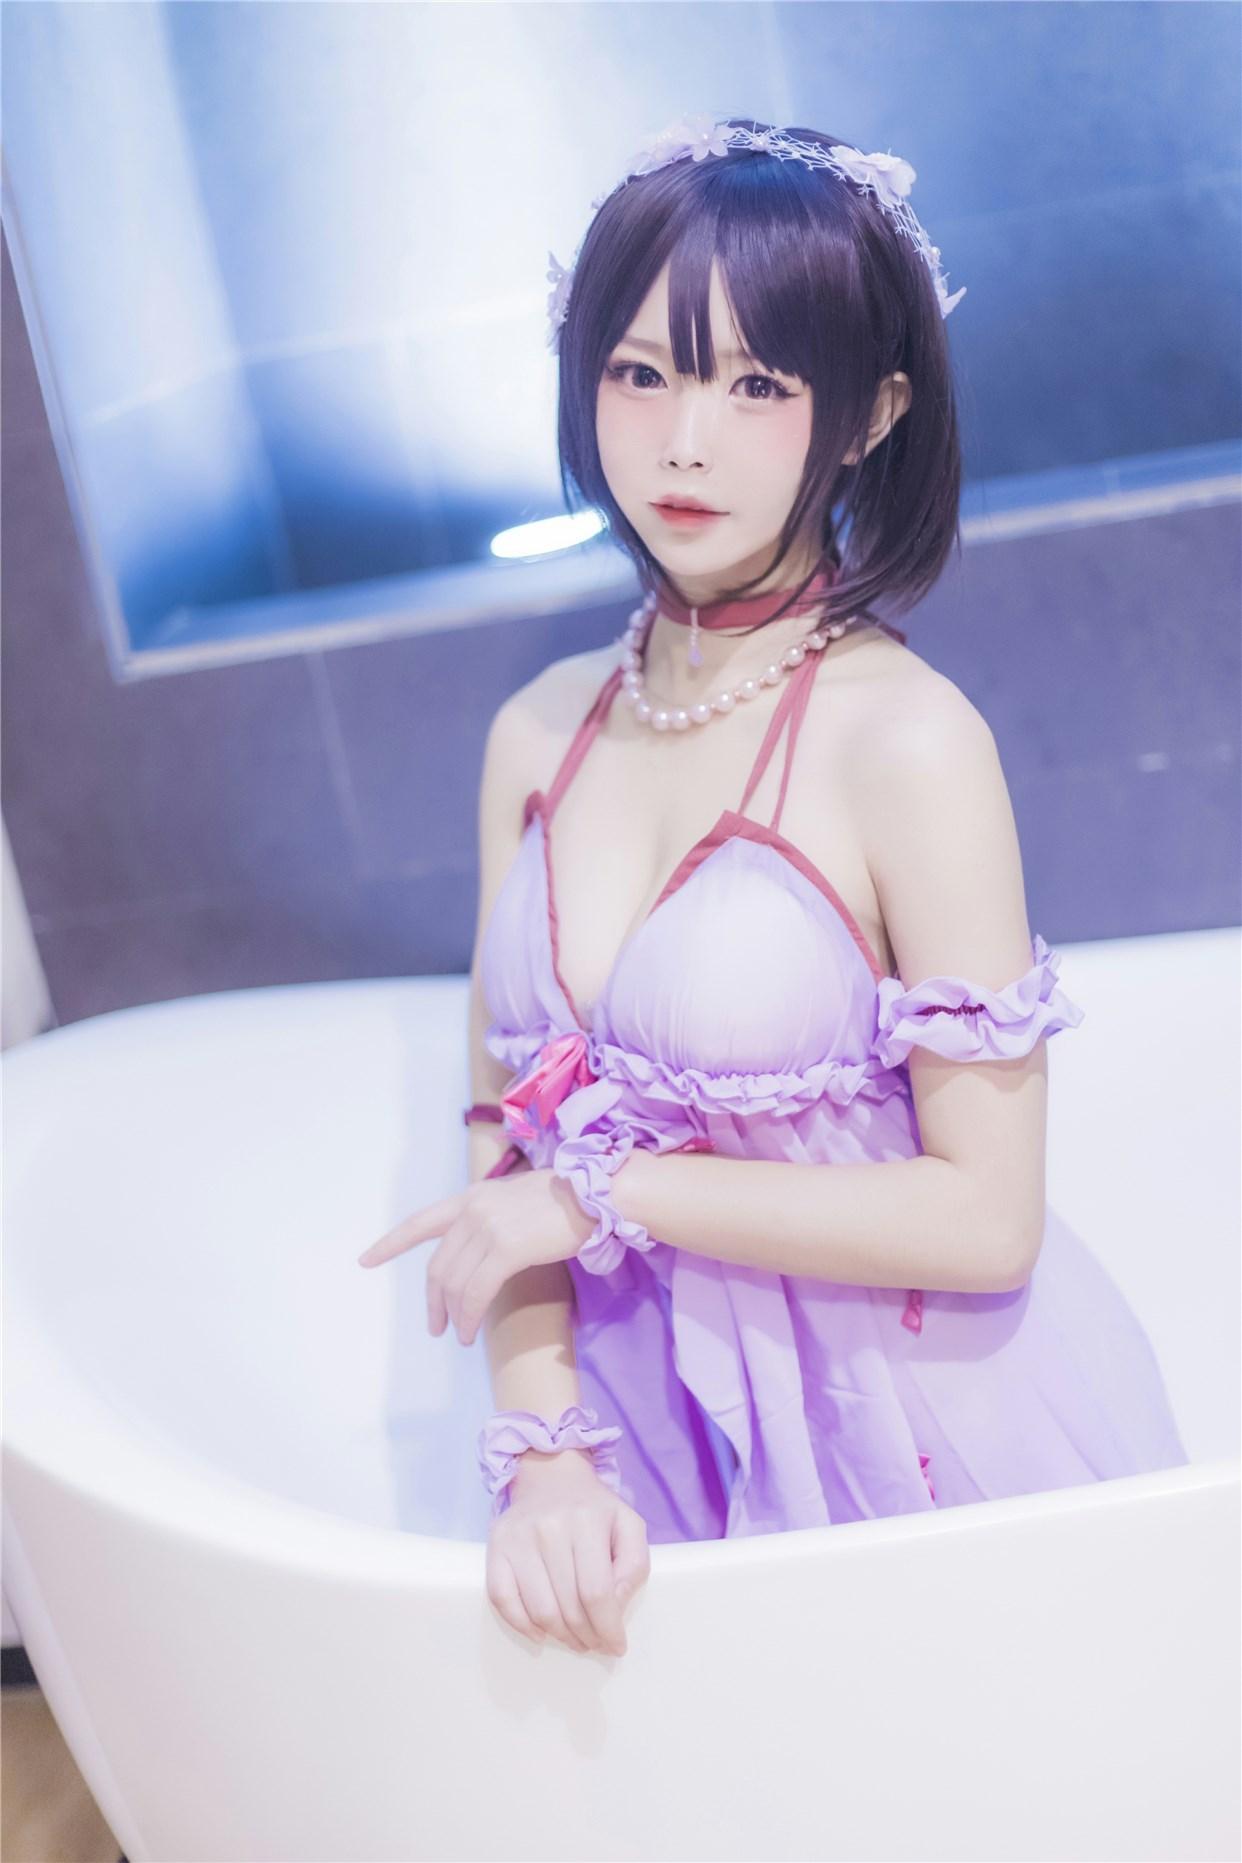 【兔玩映画】加藤惠的睡衣 兔玩映画 第24张